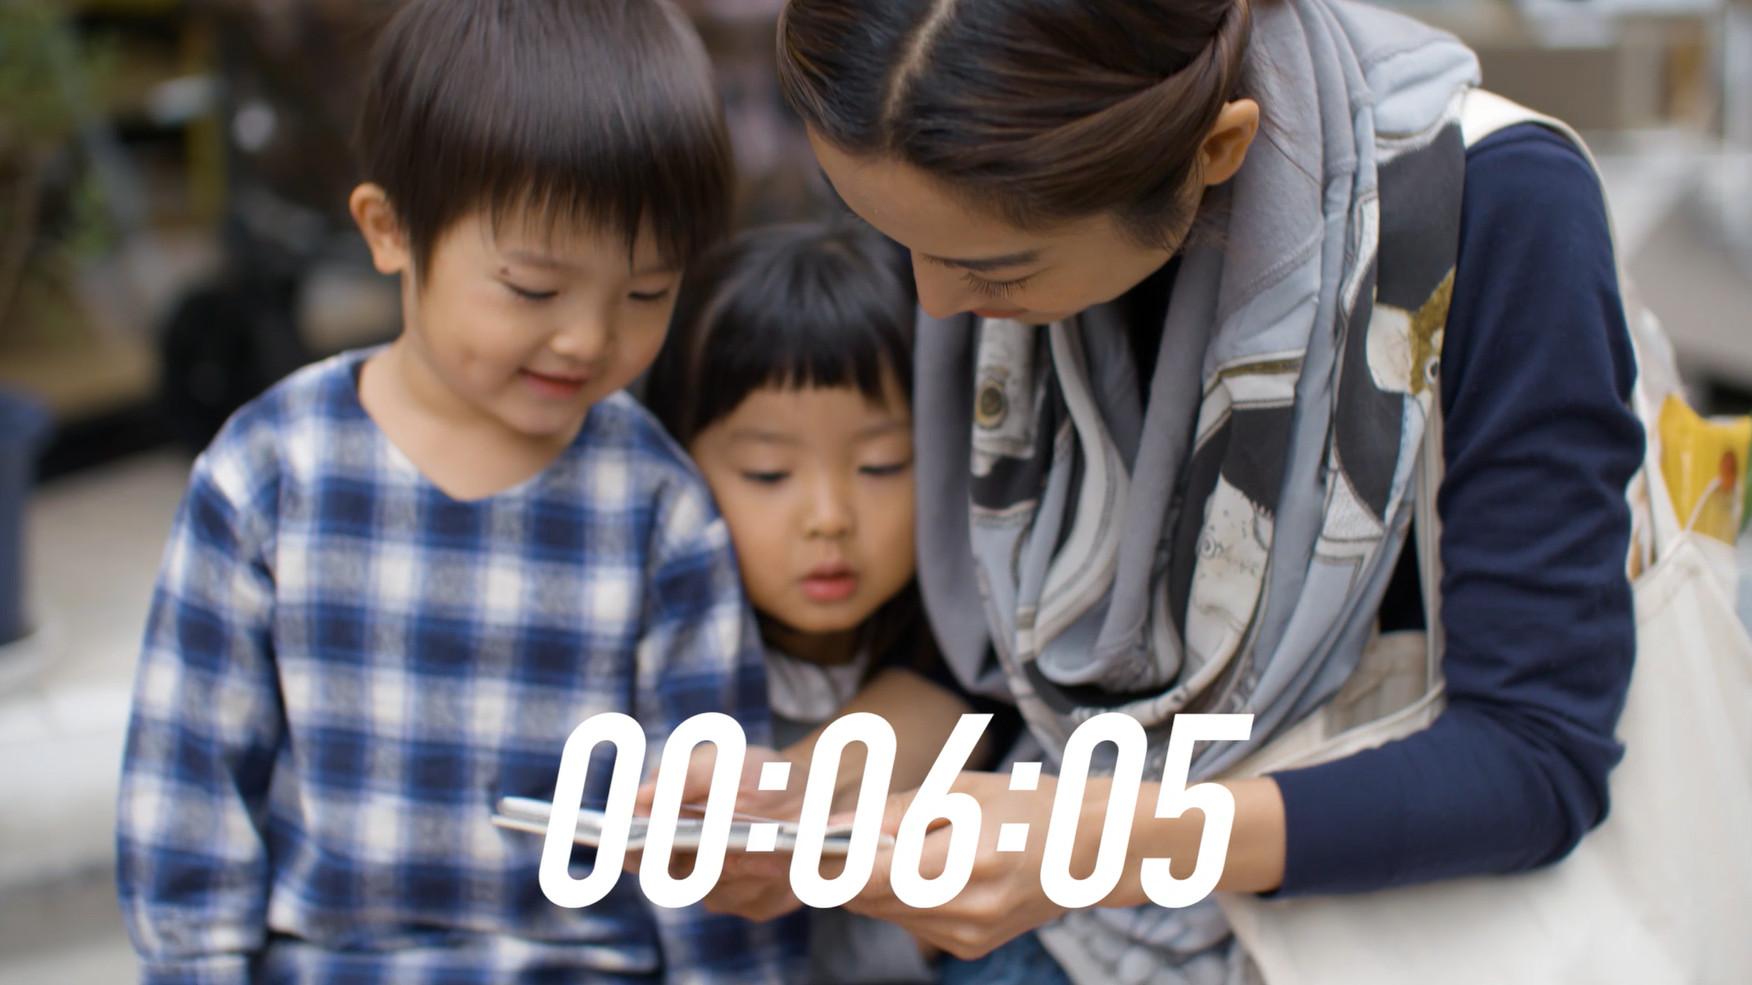 インスタ女王渡辺直美出演! 謎のカウントダウンが始まる動画の正体とは